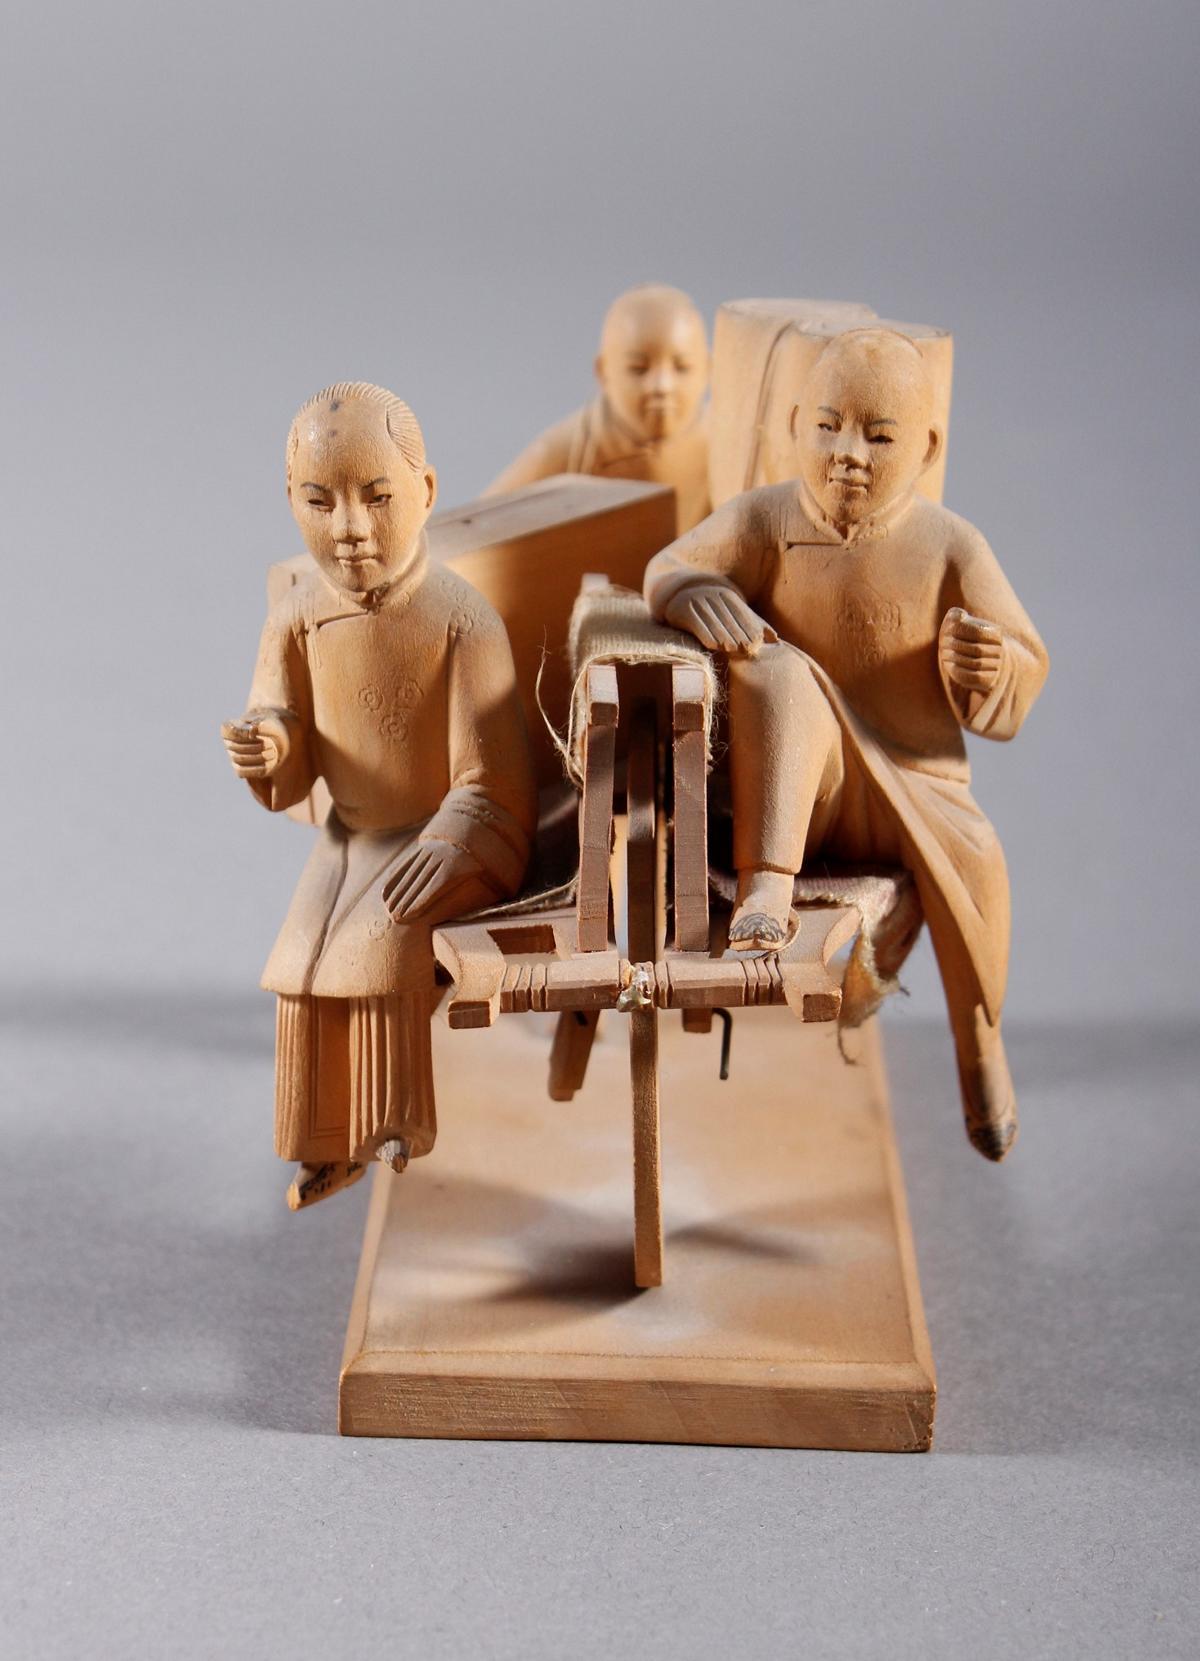 Holzschnitzerei, China um 1900-2